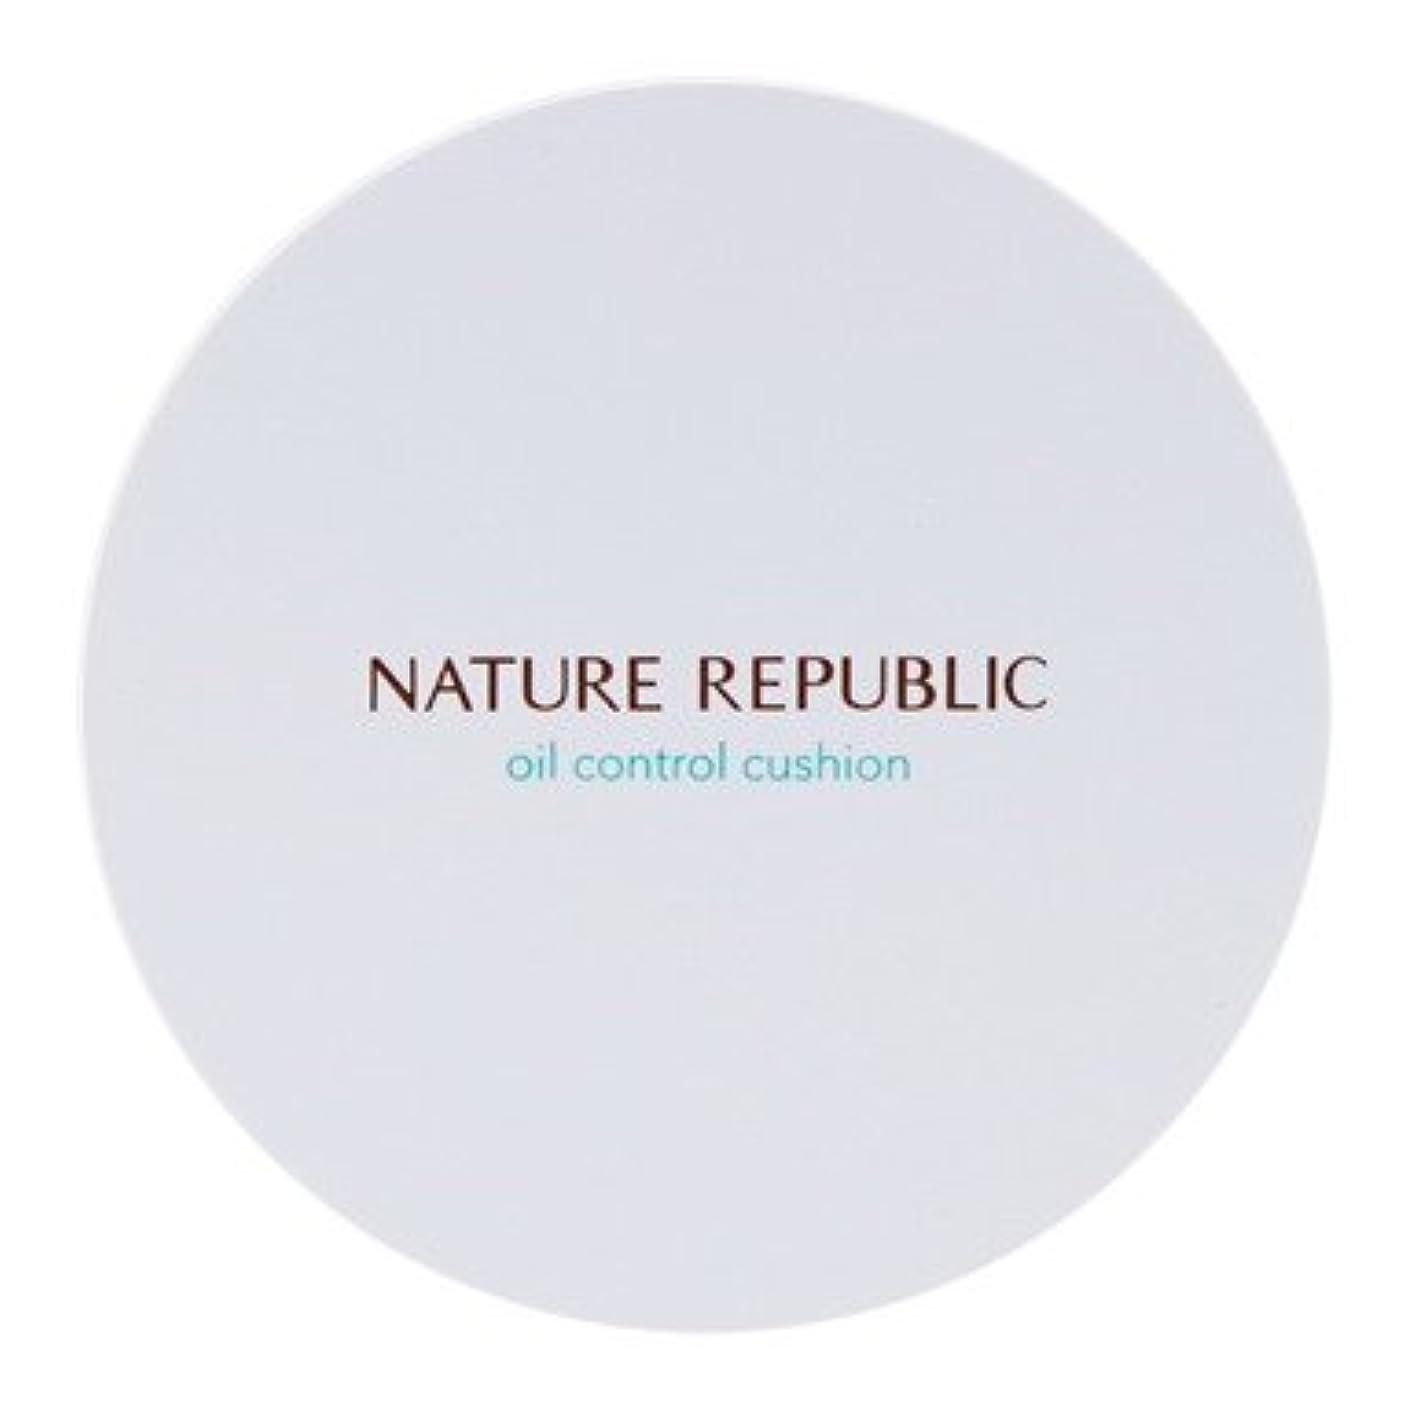 伝説ナイロンアクティビティ【NATURE REPUBLIC (ネイチャーリパブリック)】プロヴァンス エアスキンフィット オイルコントロール クッション 15g (SPF50+/ PA+++)(2カラー選択1) (01 ライトベージュ) [並行輸入品]